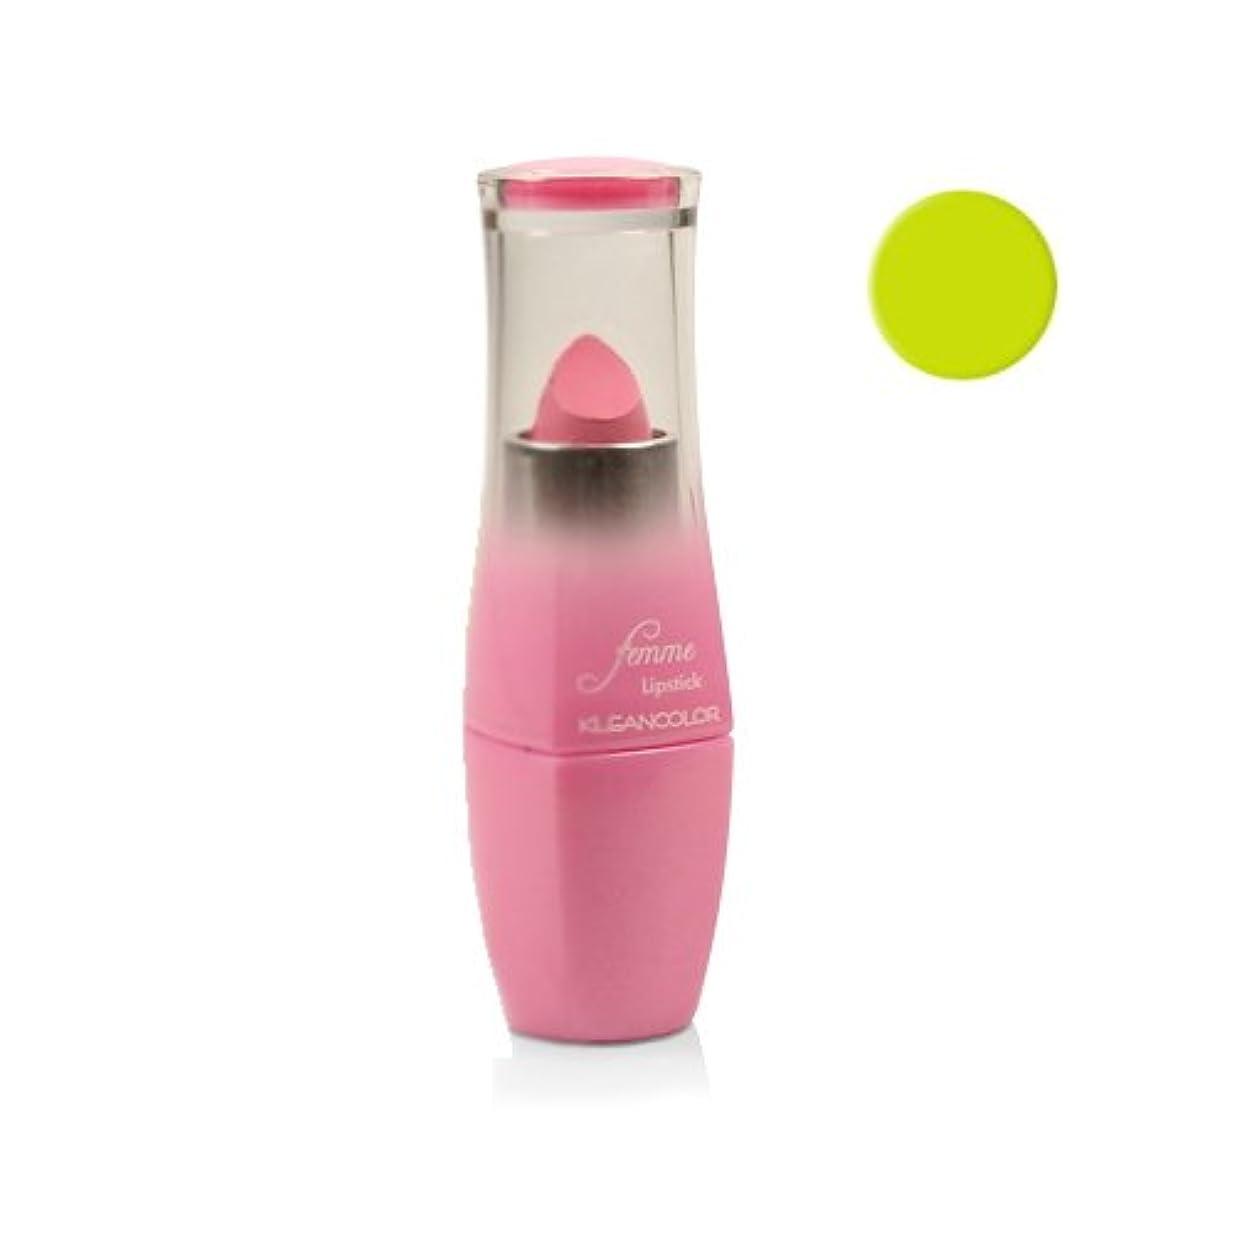 恐れ繁栄する鳴り響く(6 Pack) KLEANCOLOR Femme Lipstick - Magic Lime (並行輸入品)